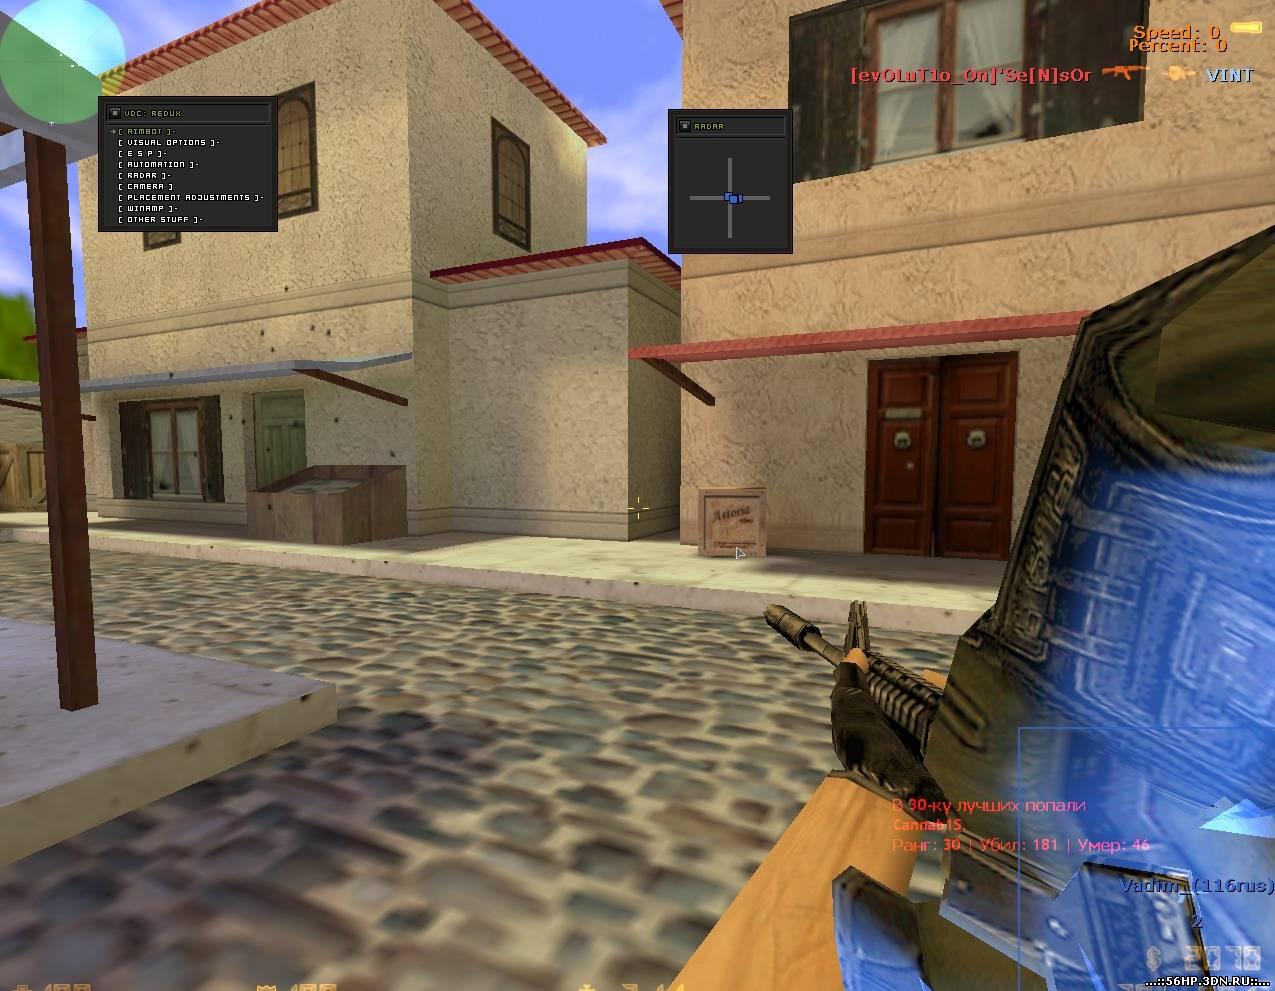 Скачать игру cs go через торрент бесплатно на компьютер